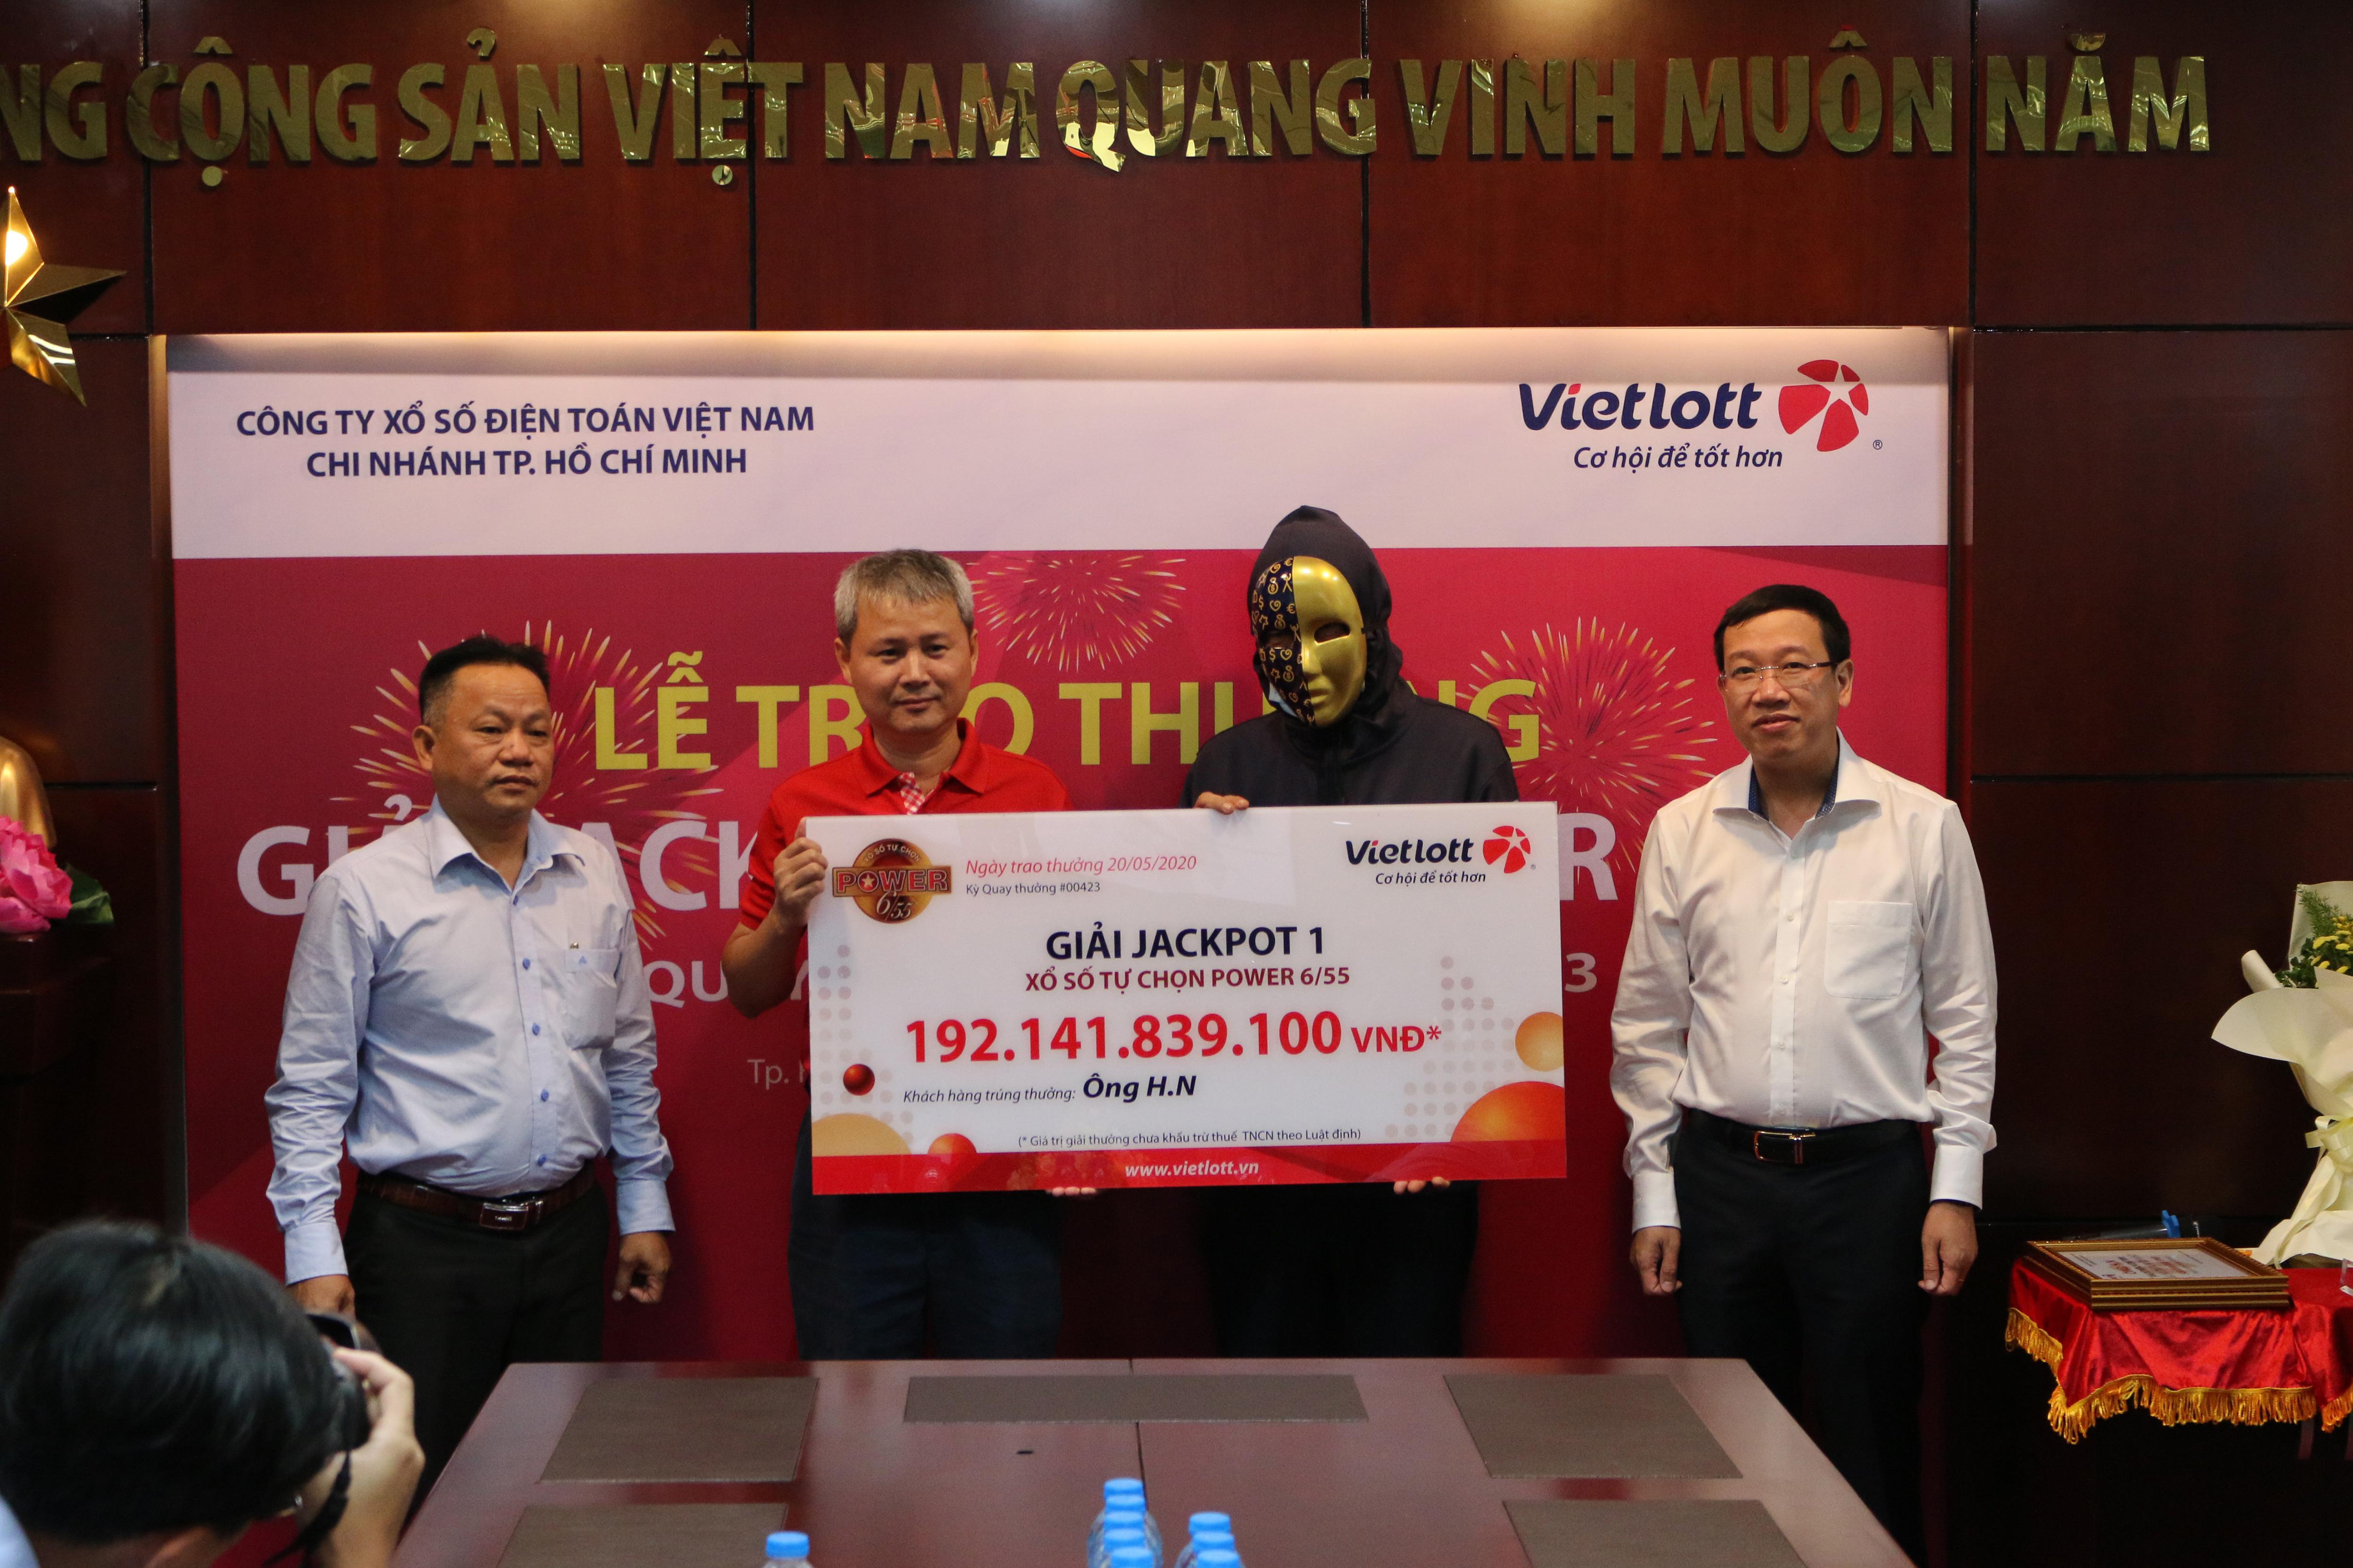 Vietlott trao giải lớn thứ hai lịch sử xổ số Việt Nam với hơn 192 tỷ đồng